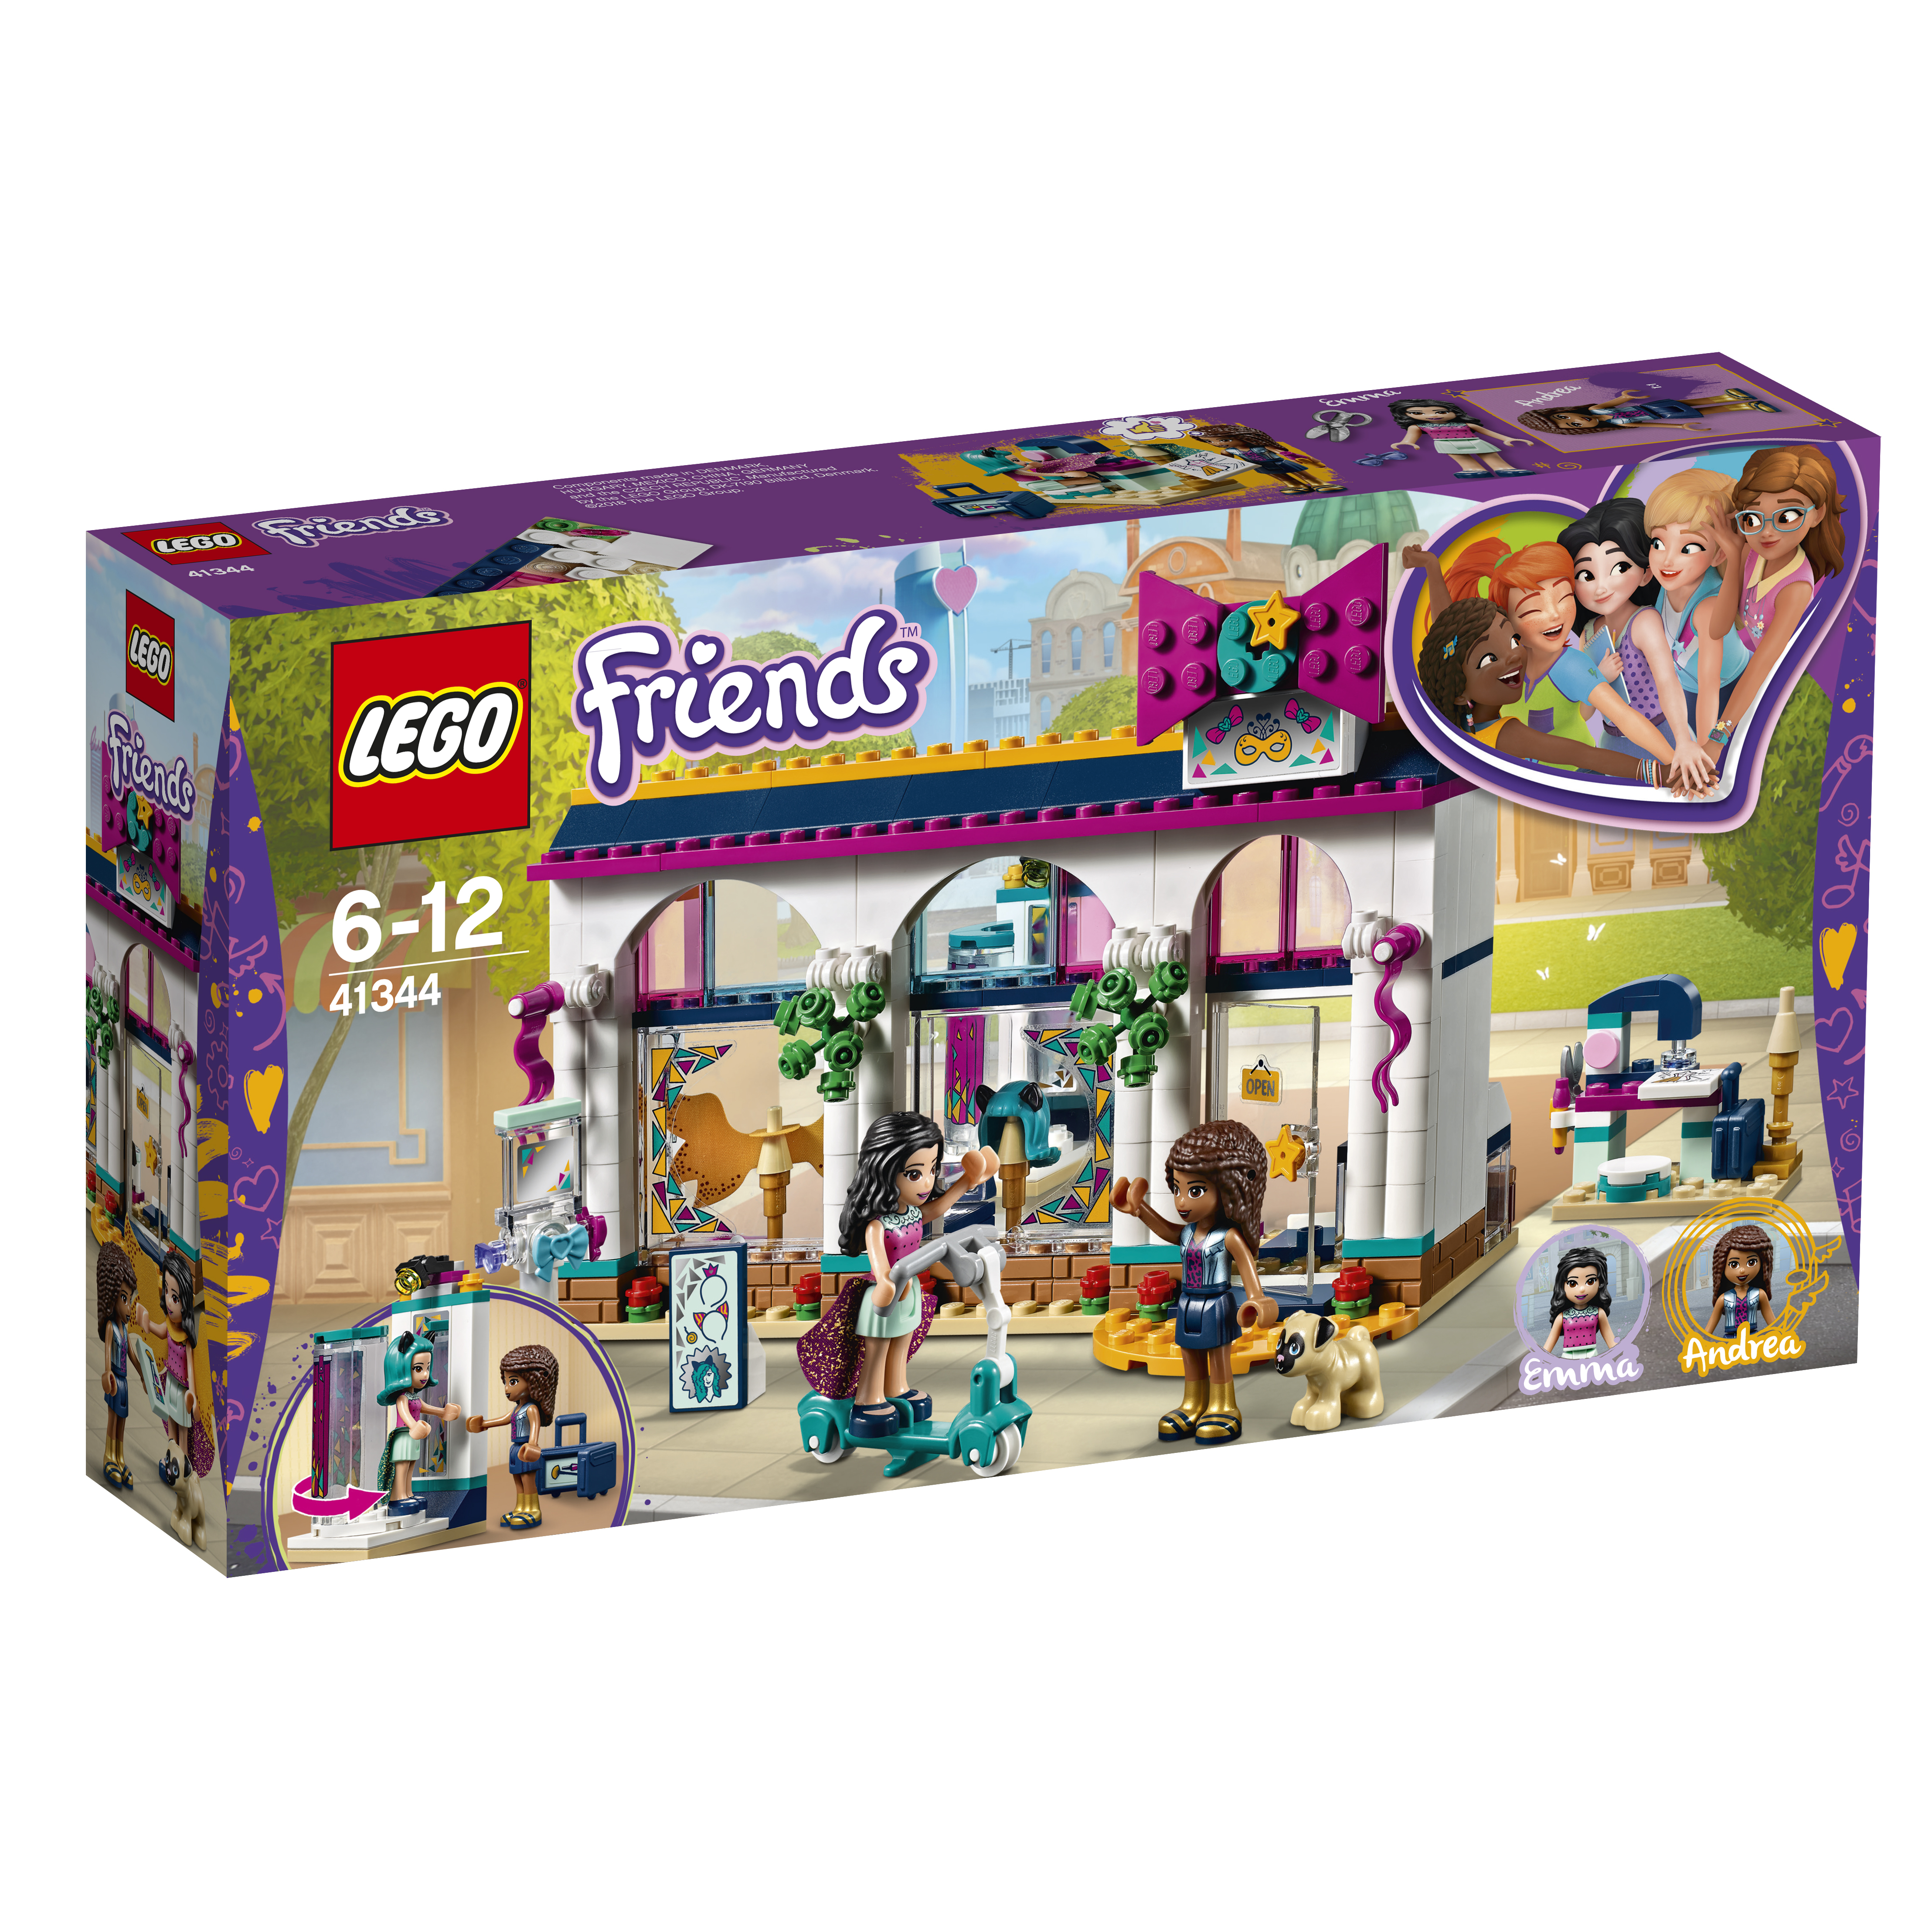 LEGO LEGO Конструктор LEGO Friends 41344 Магазин аксессуаров Андреа цена 2017